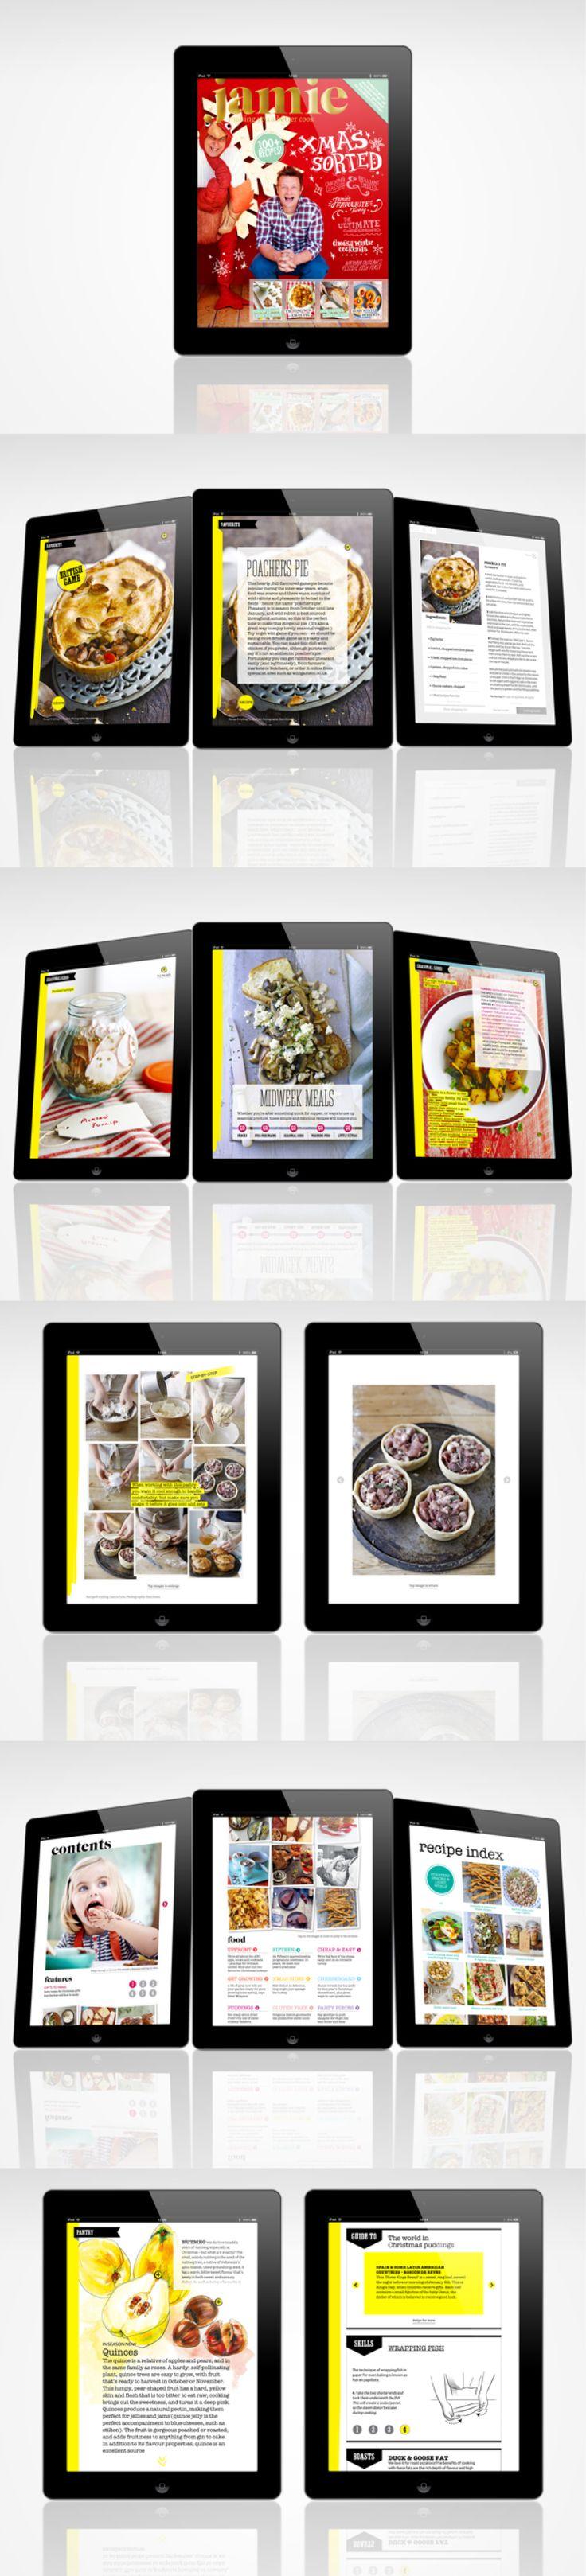 Jamie Magazine - iPad magazine by woz Brown http://www.behance.net/wozbrown